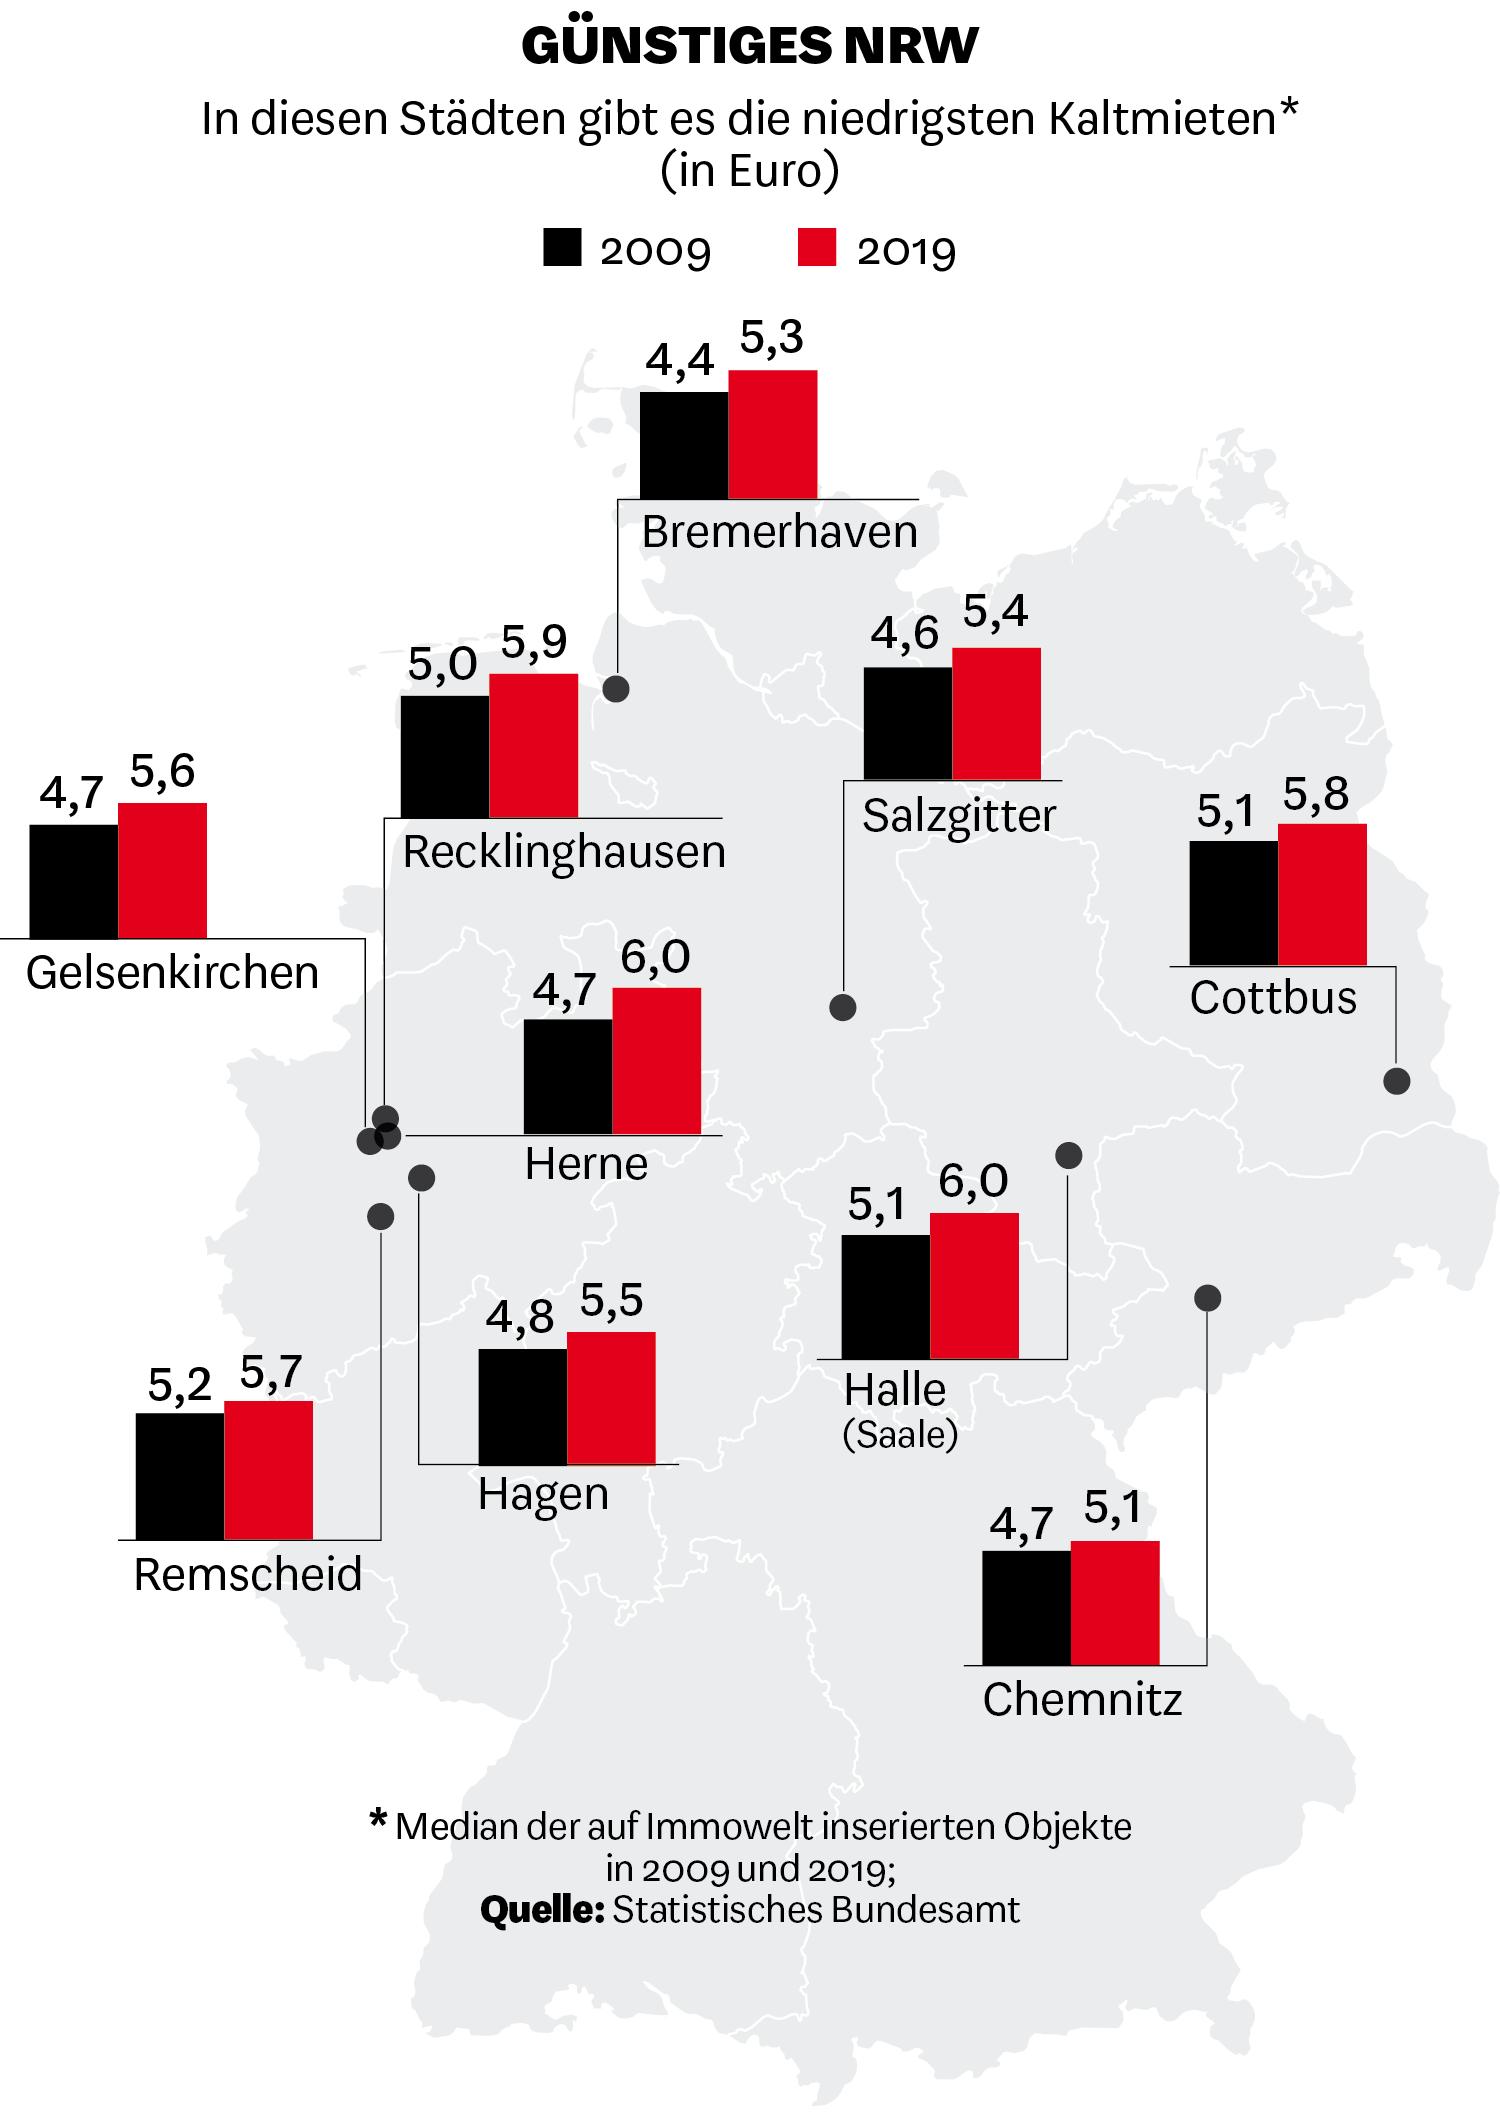 In diesen Städten gibt es die niedrigsten Kaltmieten